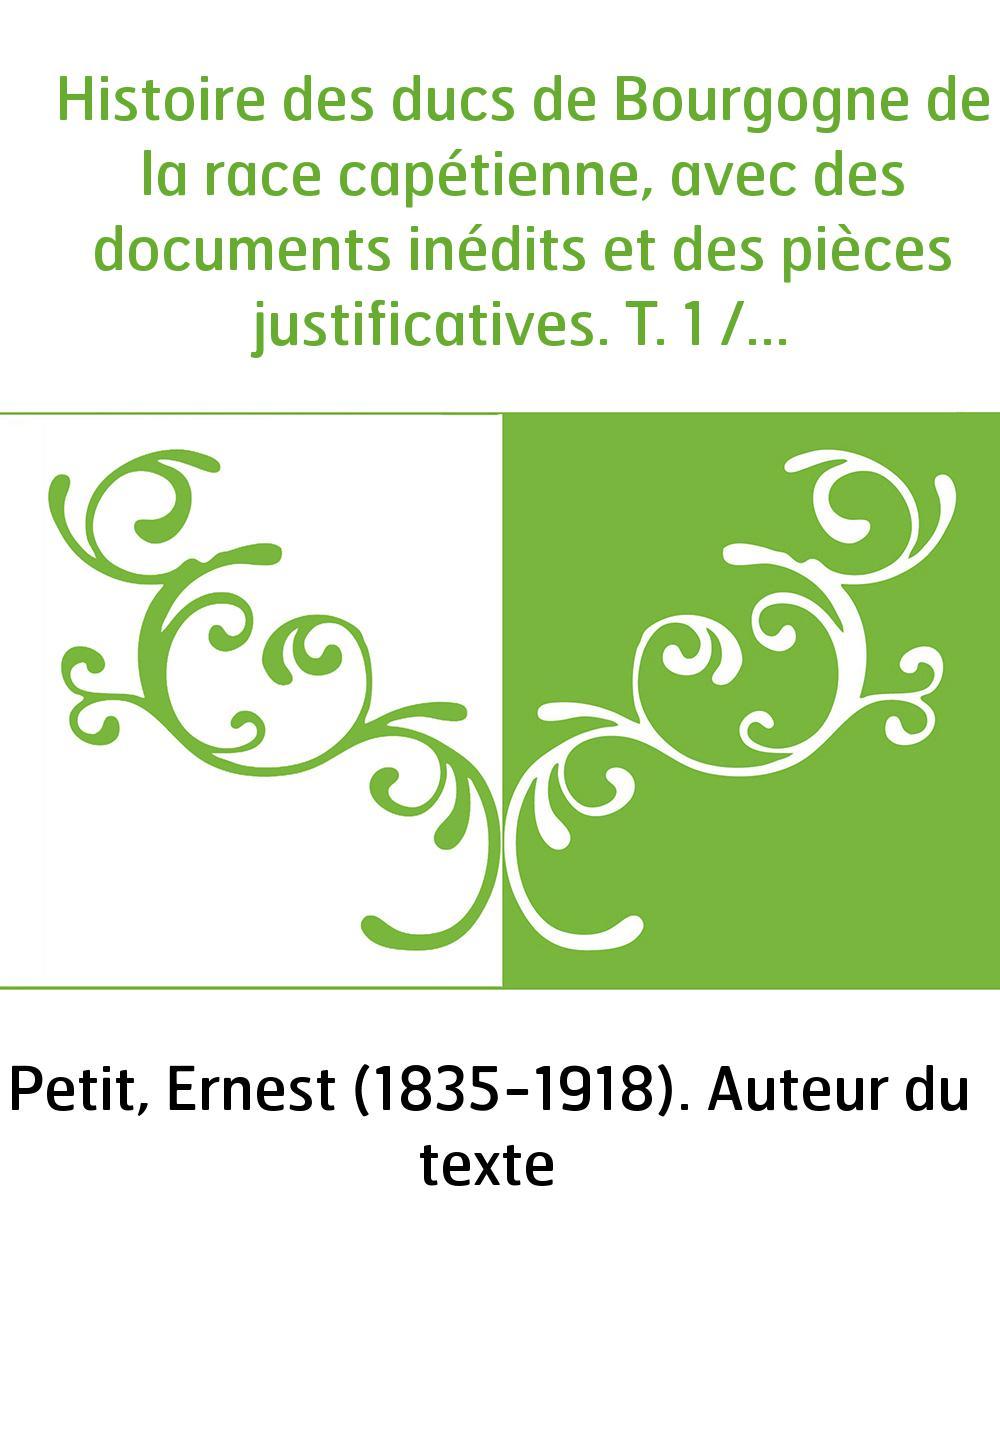 Histoire des ducs de Bourgogne de la race capétienne, avec des documents inédits et des pièces justificatives. T. 1 / par Ernest